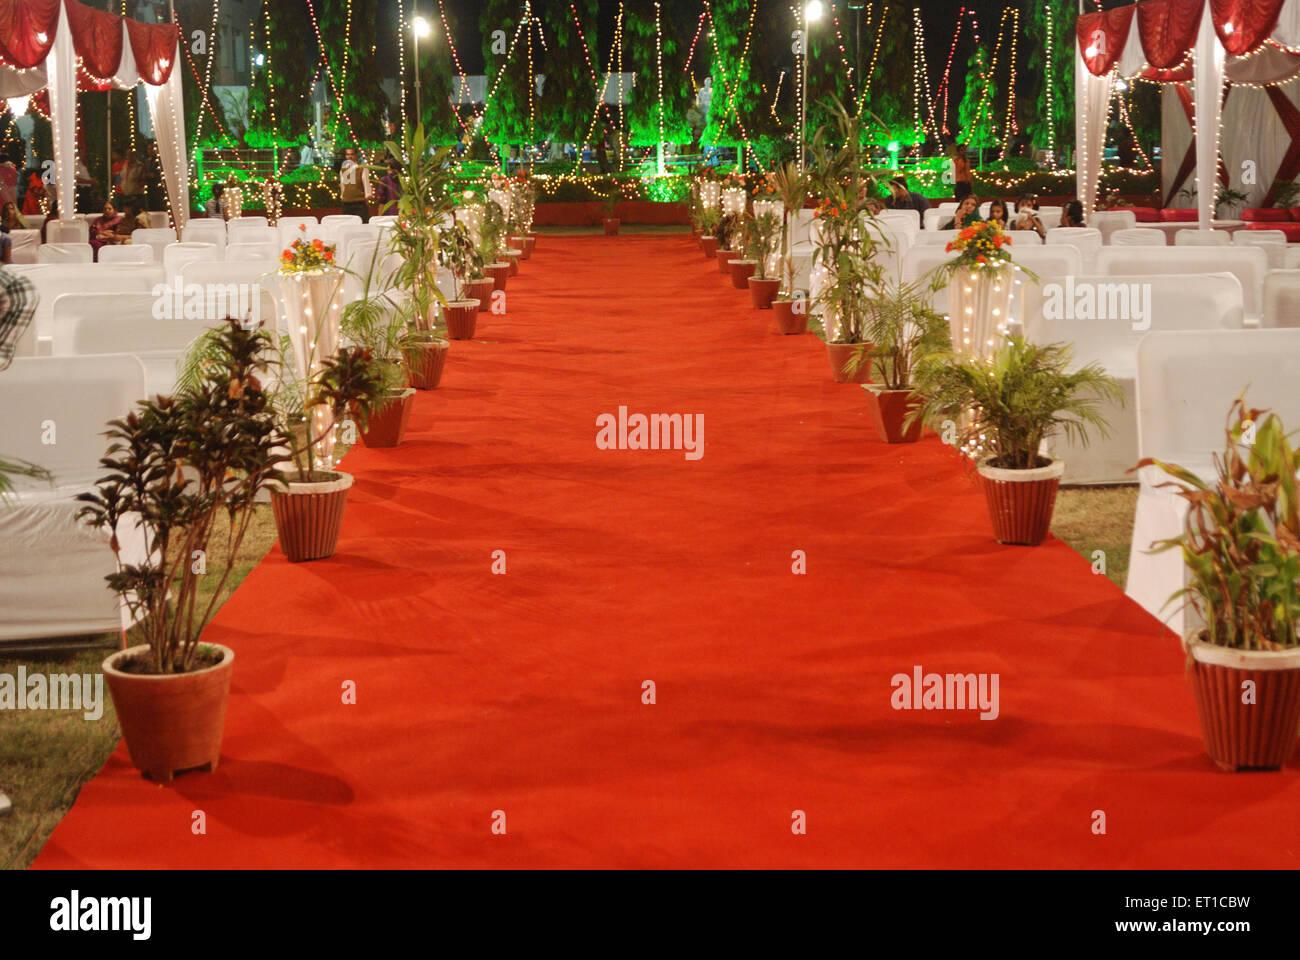 Roten Teppich Guna Madhya Pradesh Indien Asien Stockbild